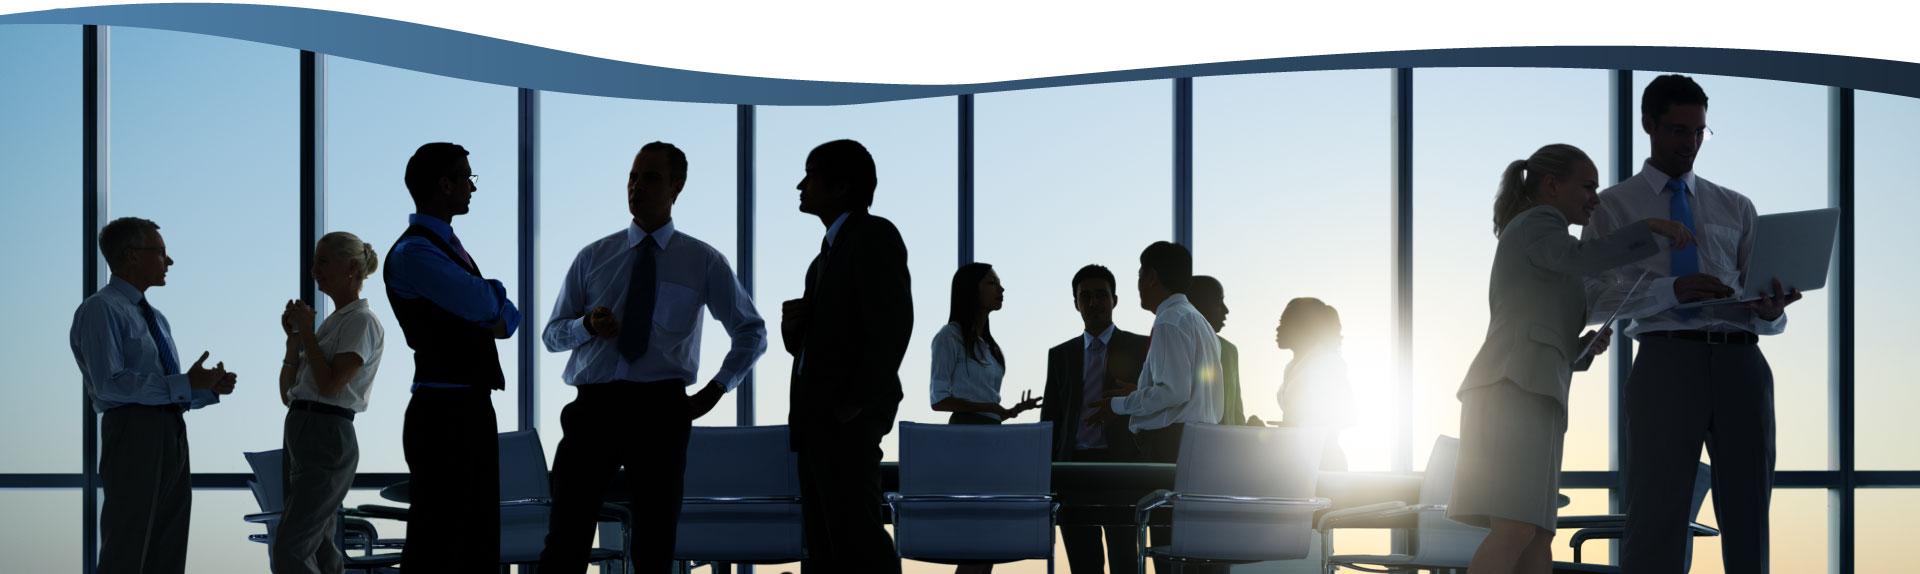 Mercuria intégrateur solutions de gestion